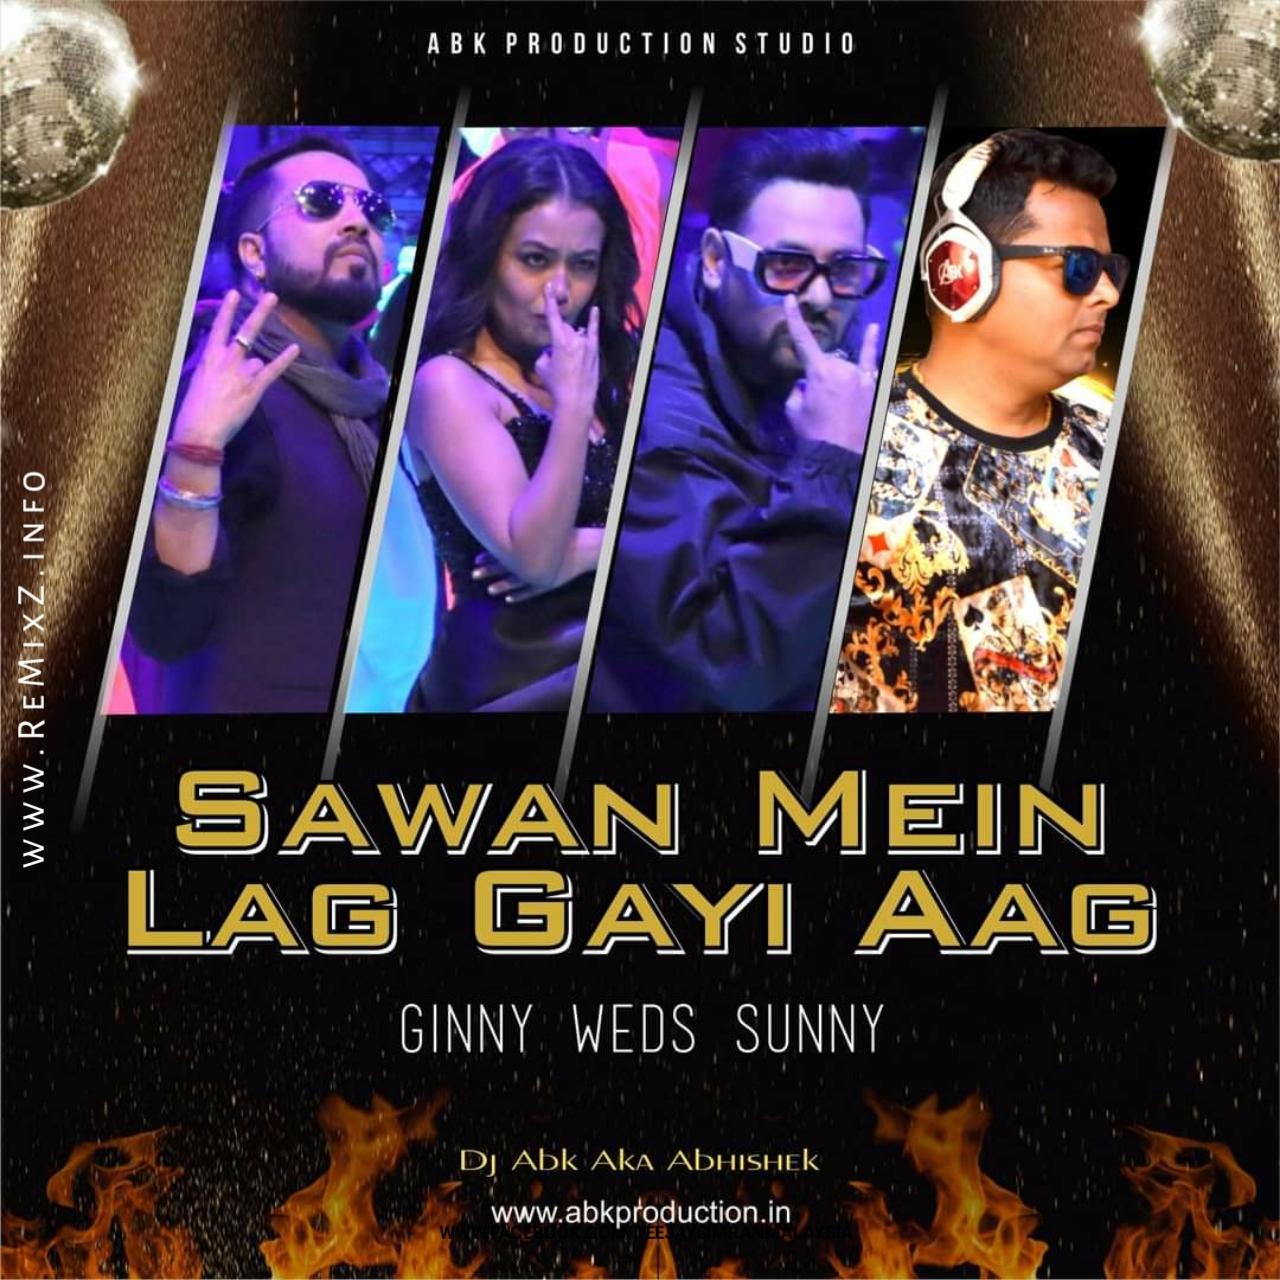 sawan-mein-lag-gayi-aag-dj-abk-remix.jpg